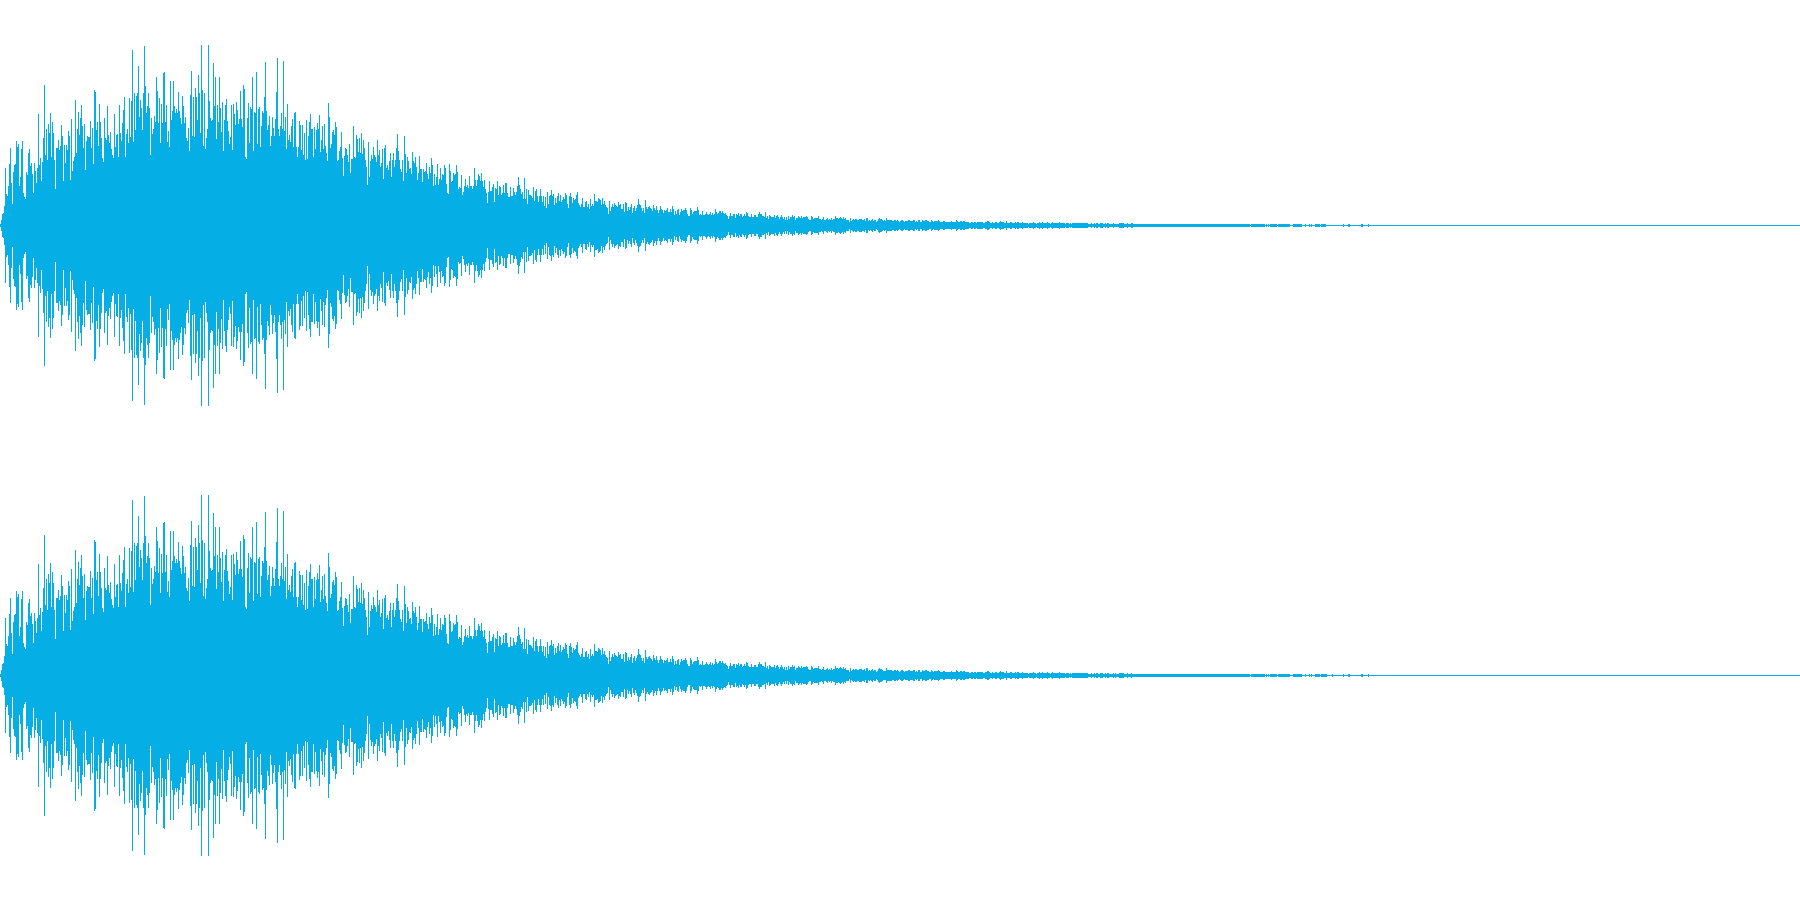 シュイーン!(風、吹き飛ばす)_03の再生済みの波形